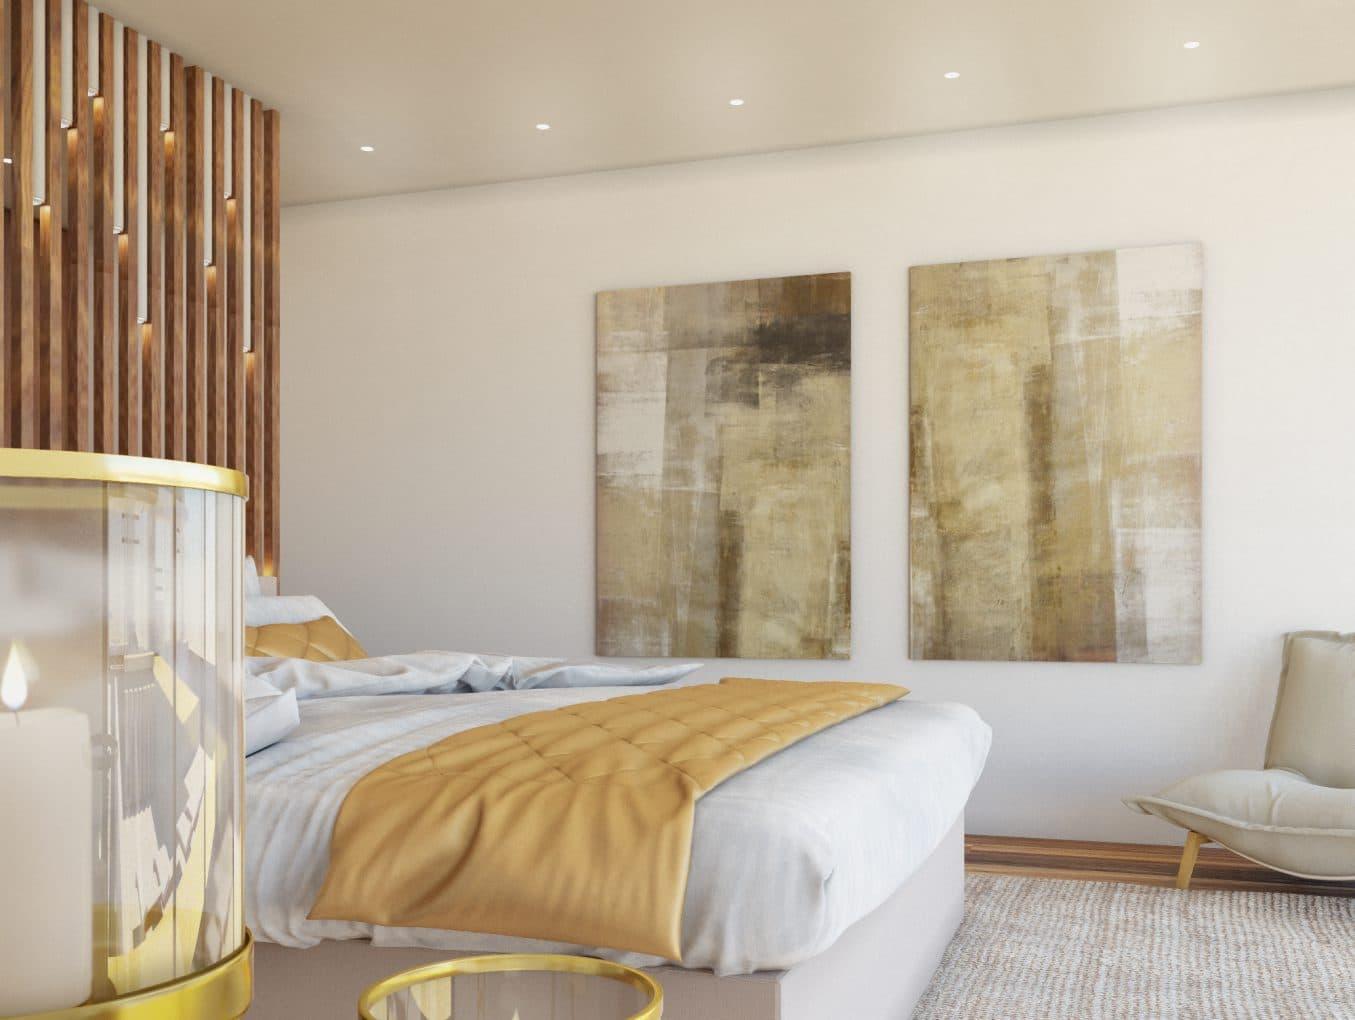 Какой дизайн выбрать для квартиры в аренду